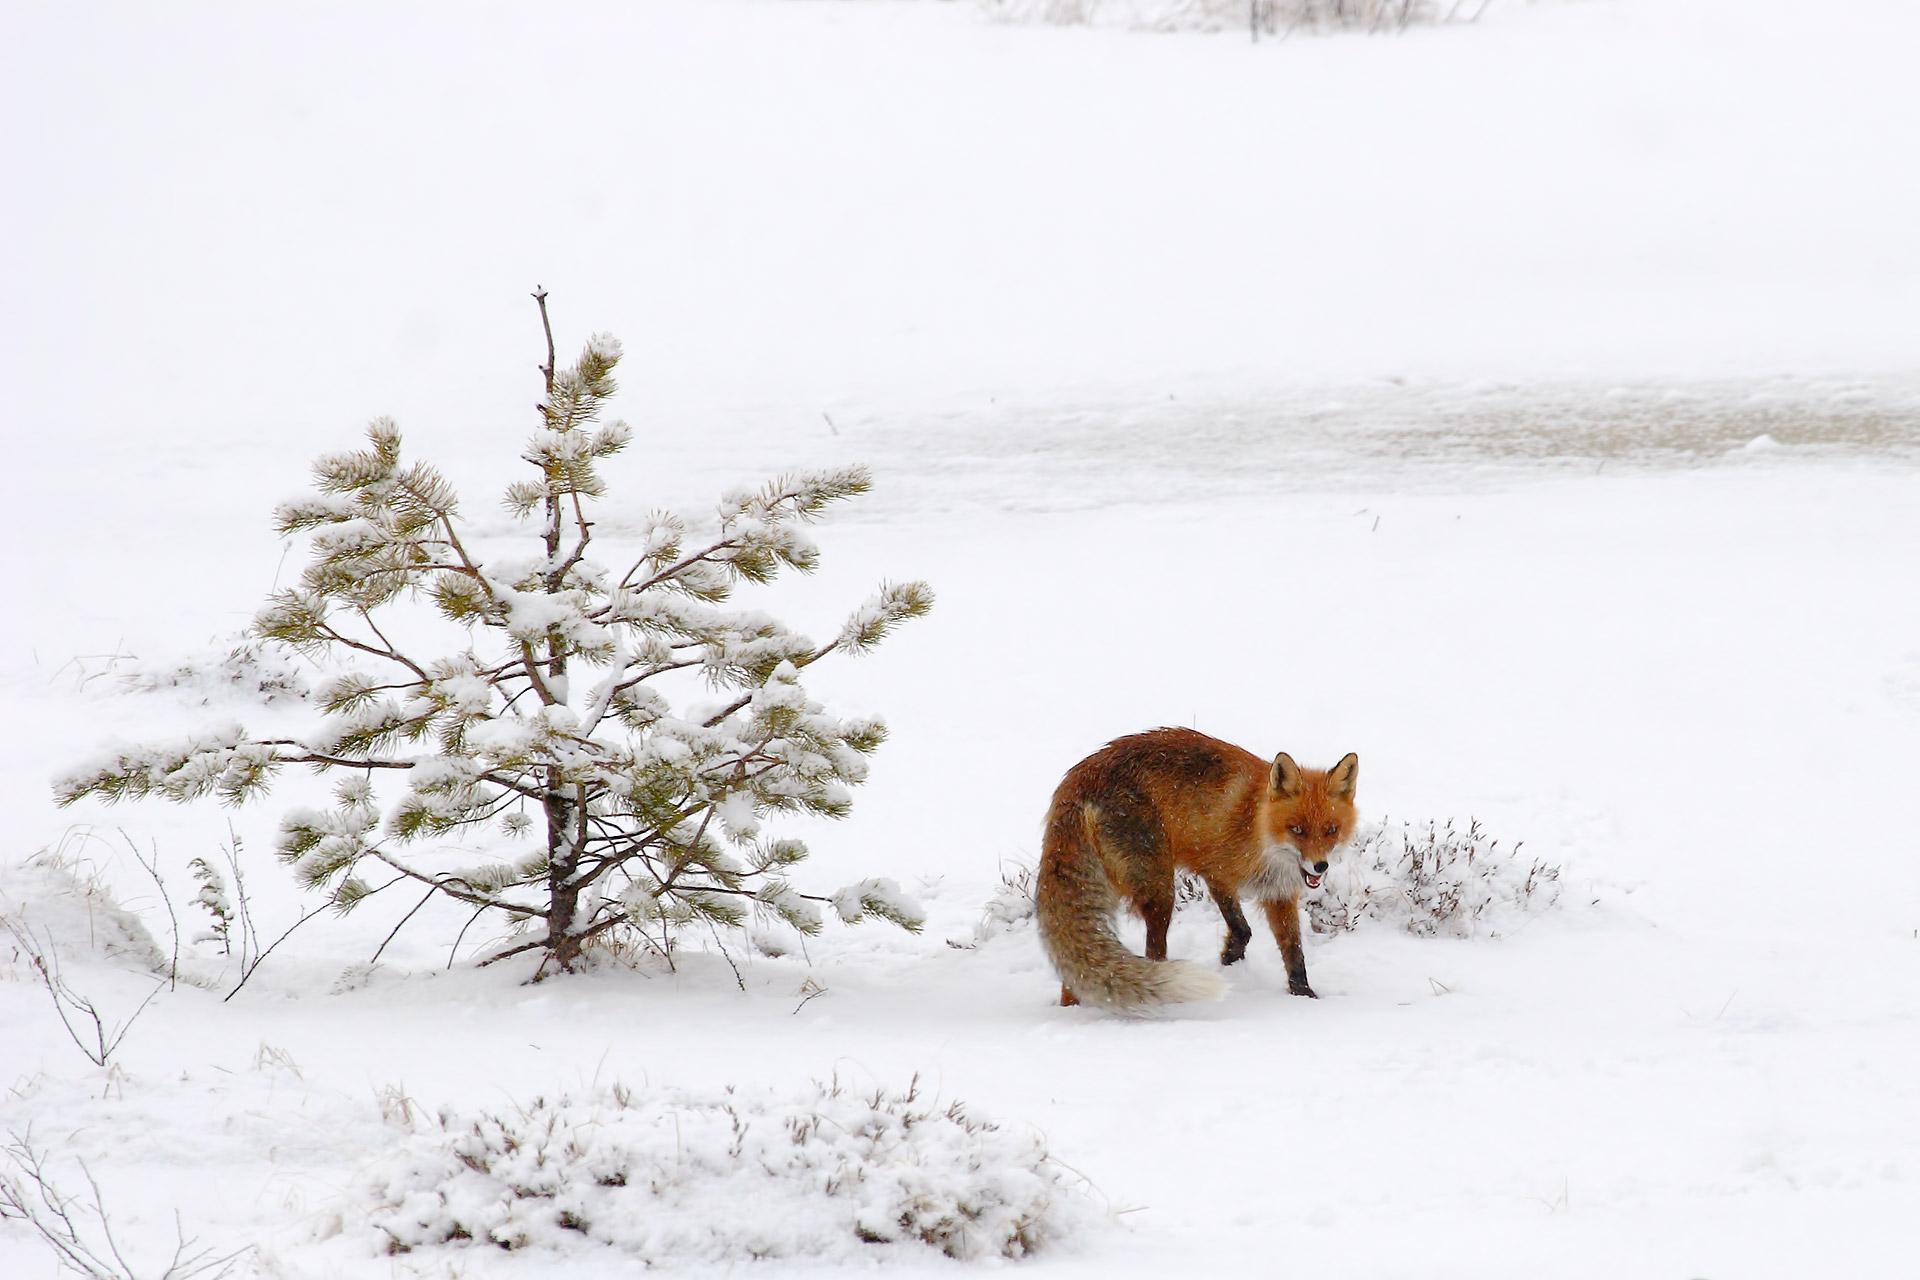 Finlandia – Finland